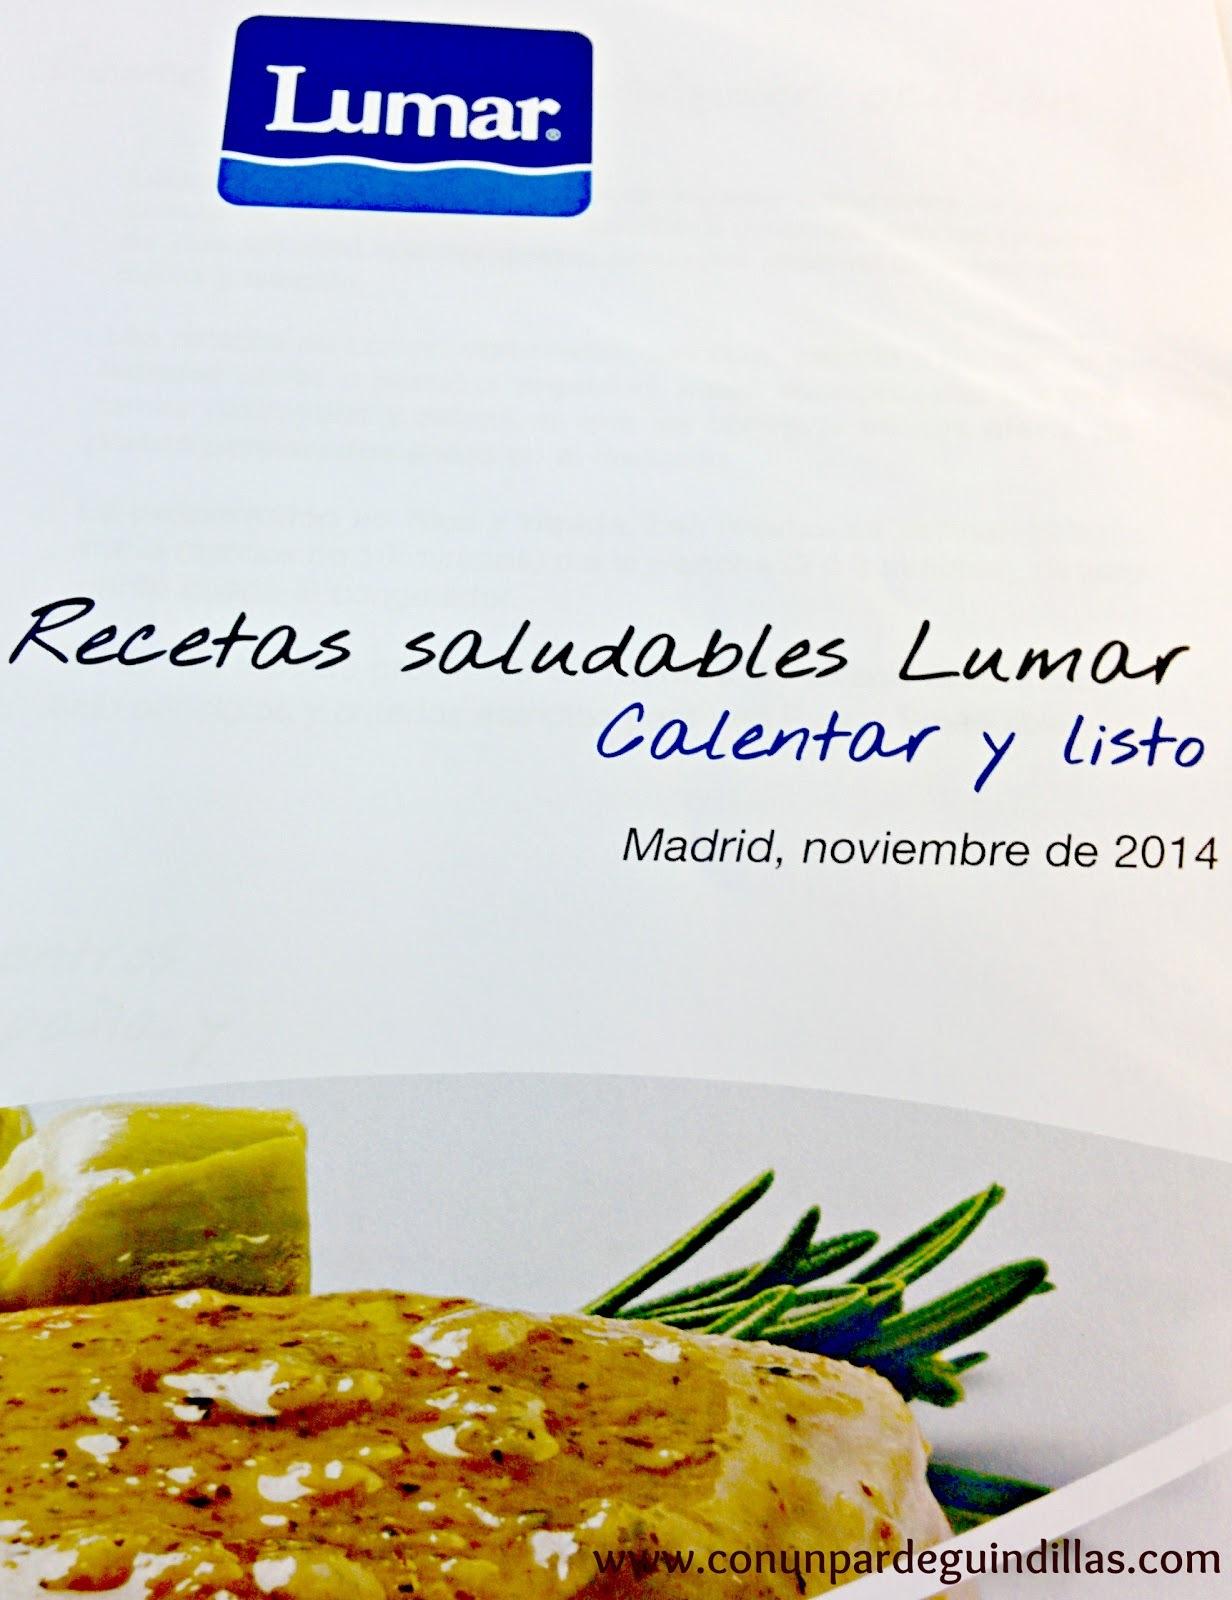 Menús saludables de Lumar, asistimos a su presentación